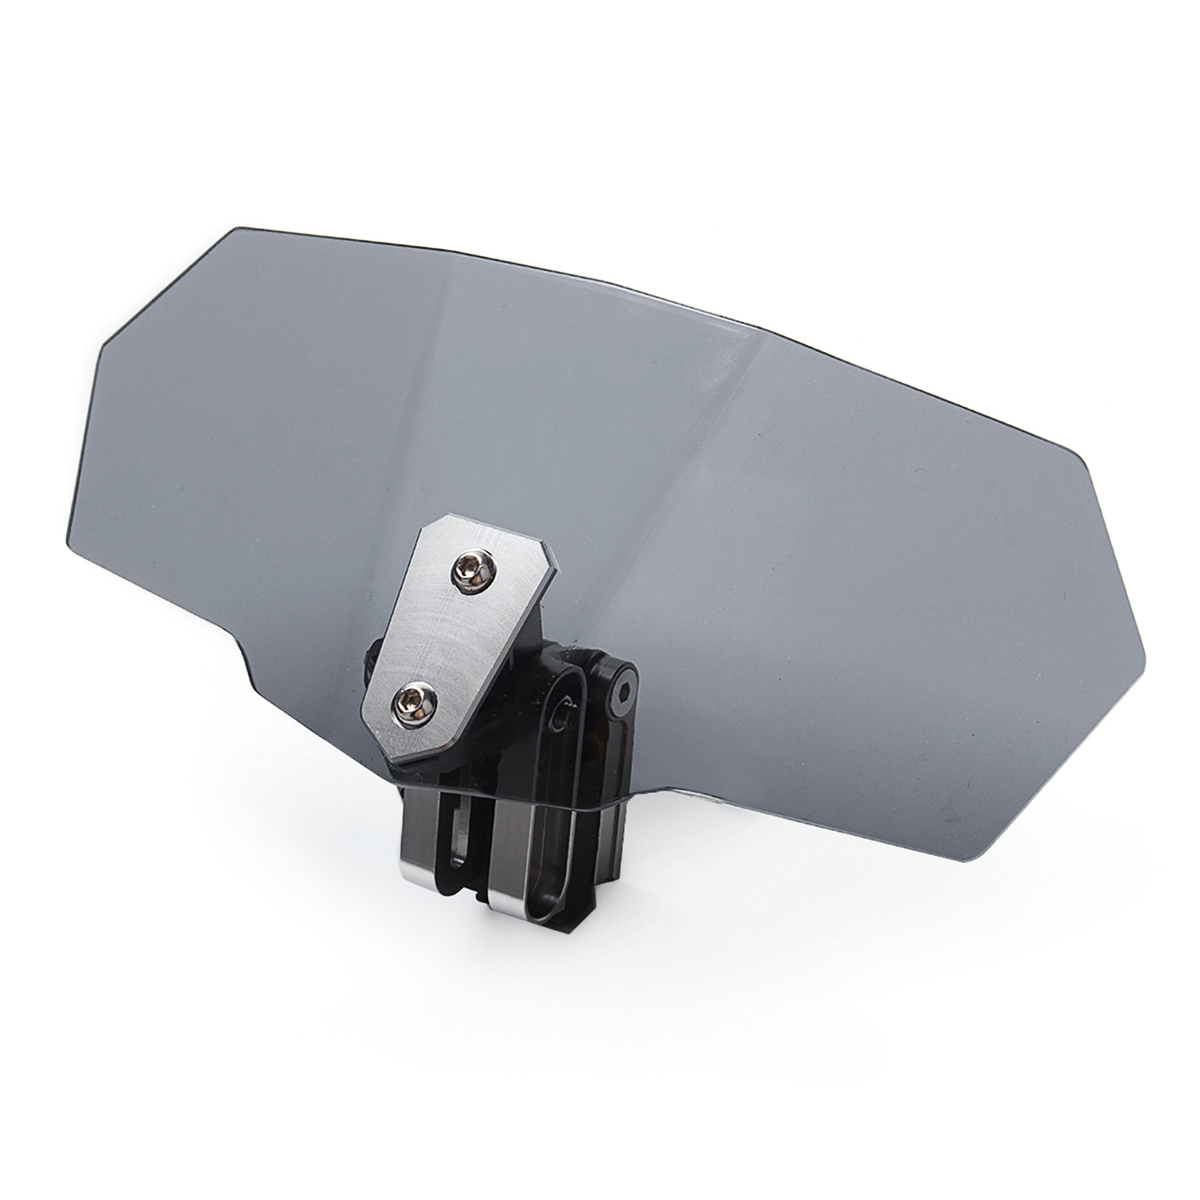 Всеобщая ЧПУ Алюминий Мотоцикл Регулируемый клип лобового стекла расширение спойлер ветер Экран отражающая спойлер ветроотражатель